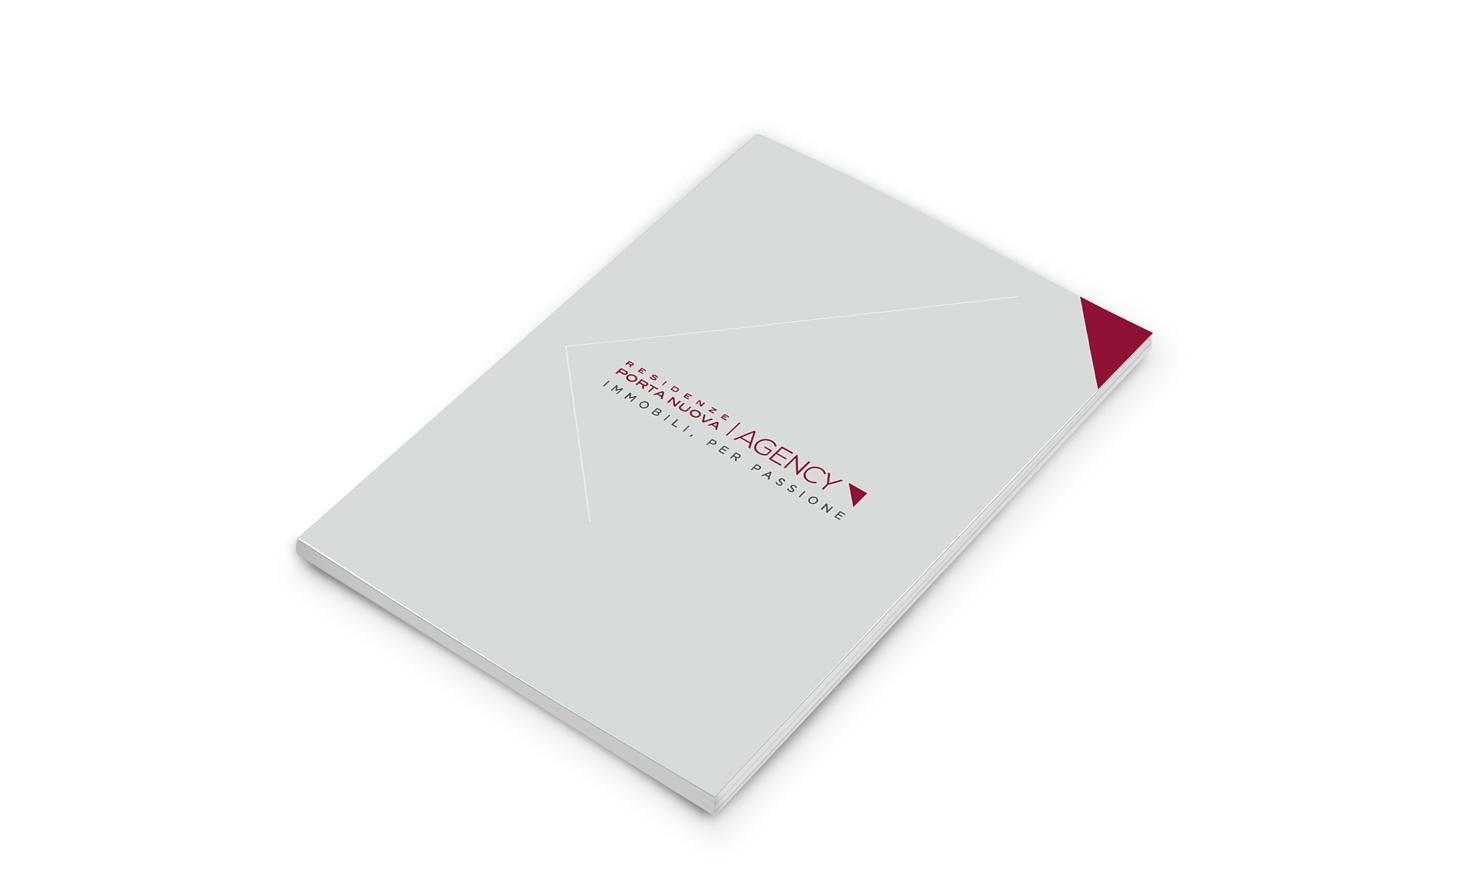 https://kubelibre.com/uploads/Slider-work-tutti-clienti/residenze-porta-nuova-agency-il-nostro-nome-dice-molto-di-noi-2.jpg